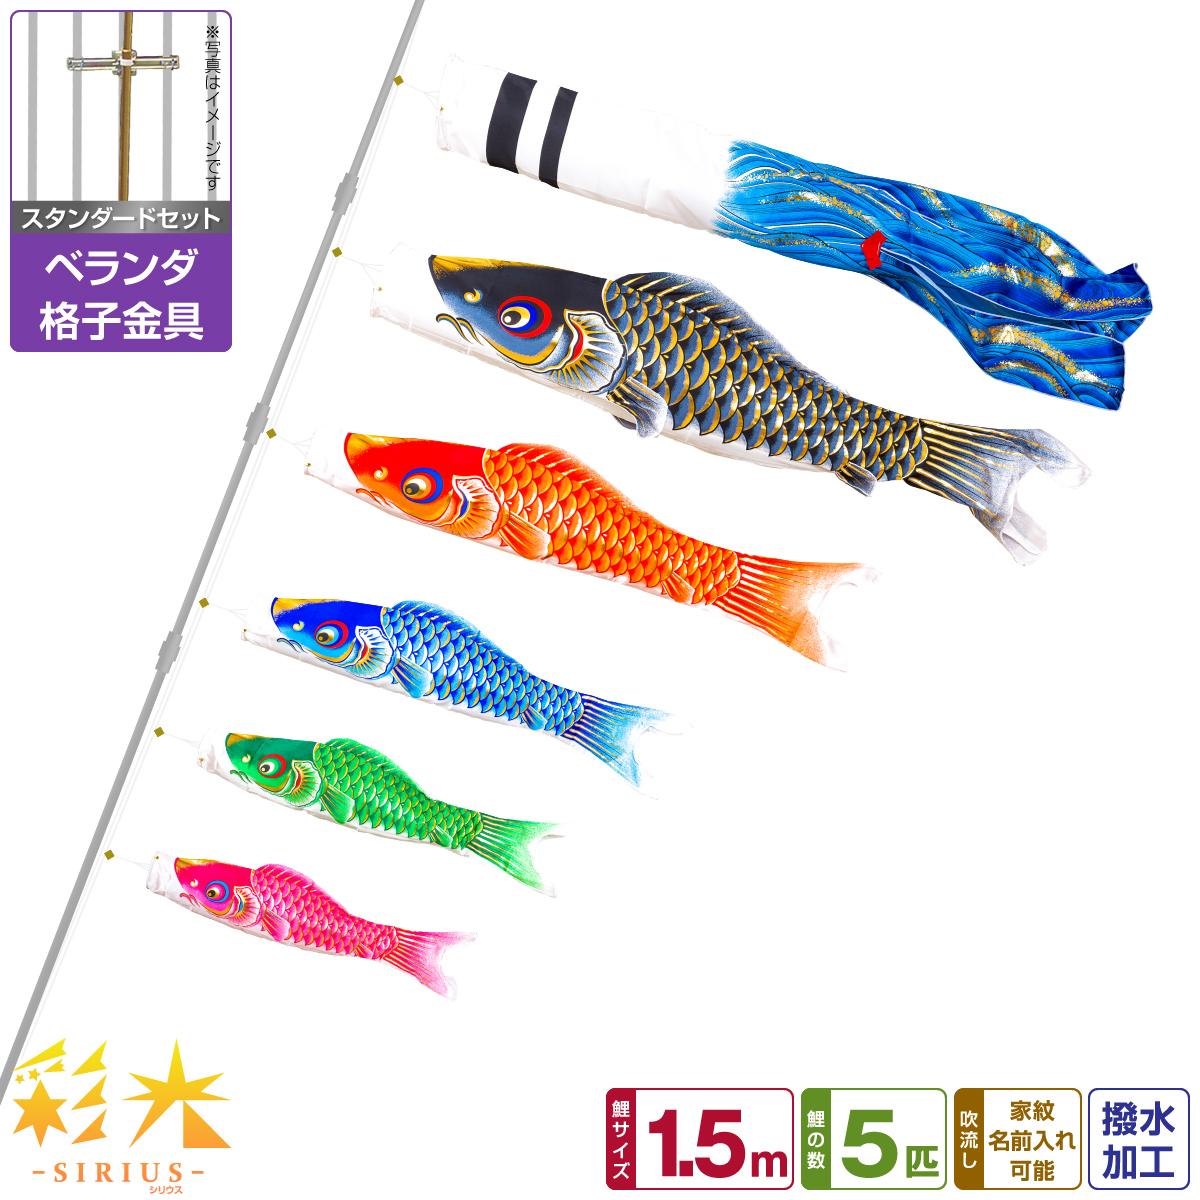 ベランダ用 こいのぼり 鯉のぼり SIRIUS/彩光鯉 1.5m 8点(吹流し+鯉5匹+矢車+ロープ)/スタンダードセット(格子金具)